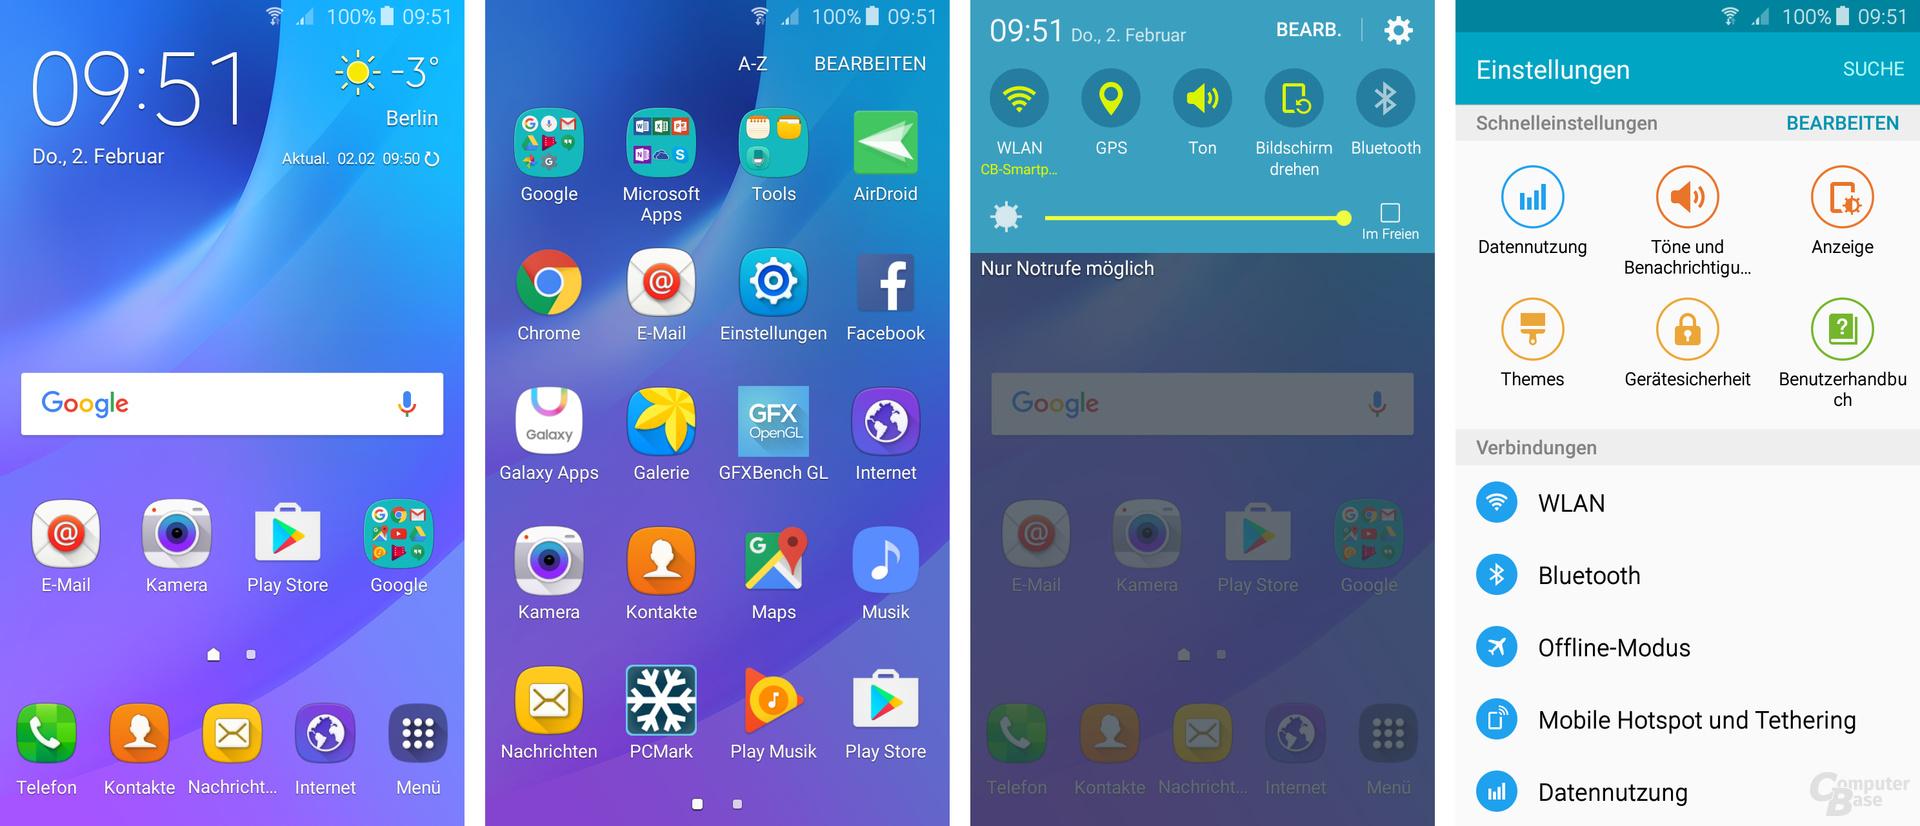 Samsung Galaxy J3: TouchWiz verändert Android vollständig